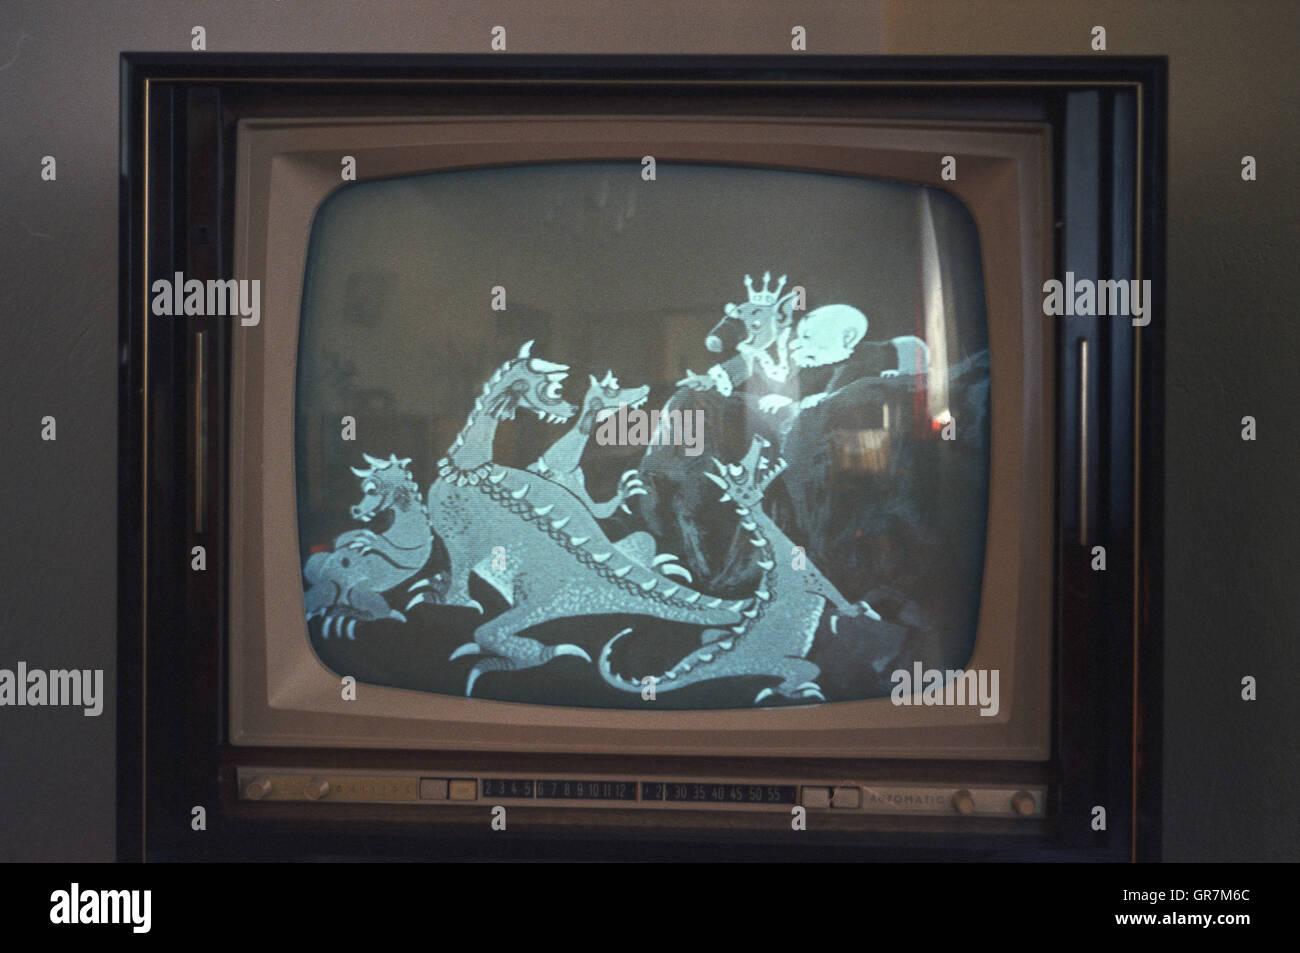 Tv Bw Historically - Stock Image